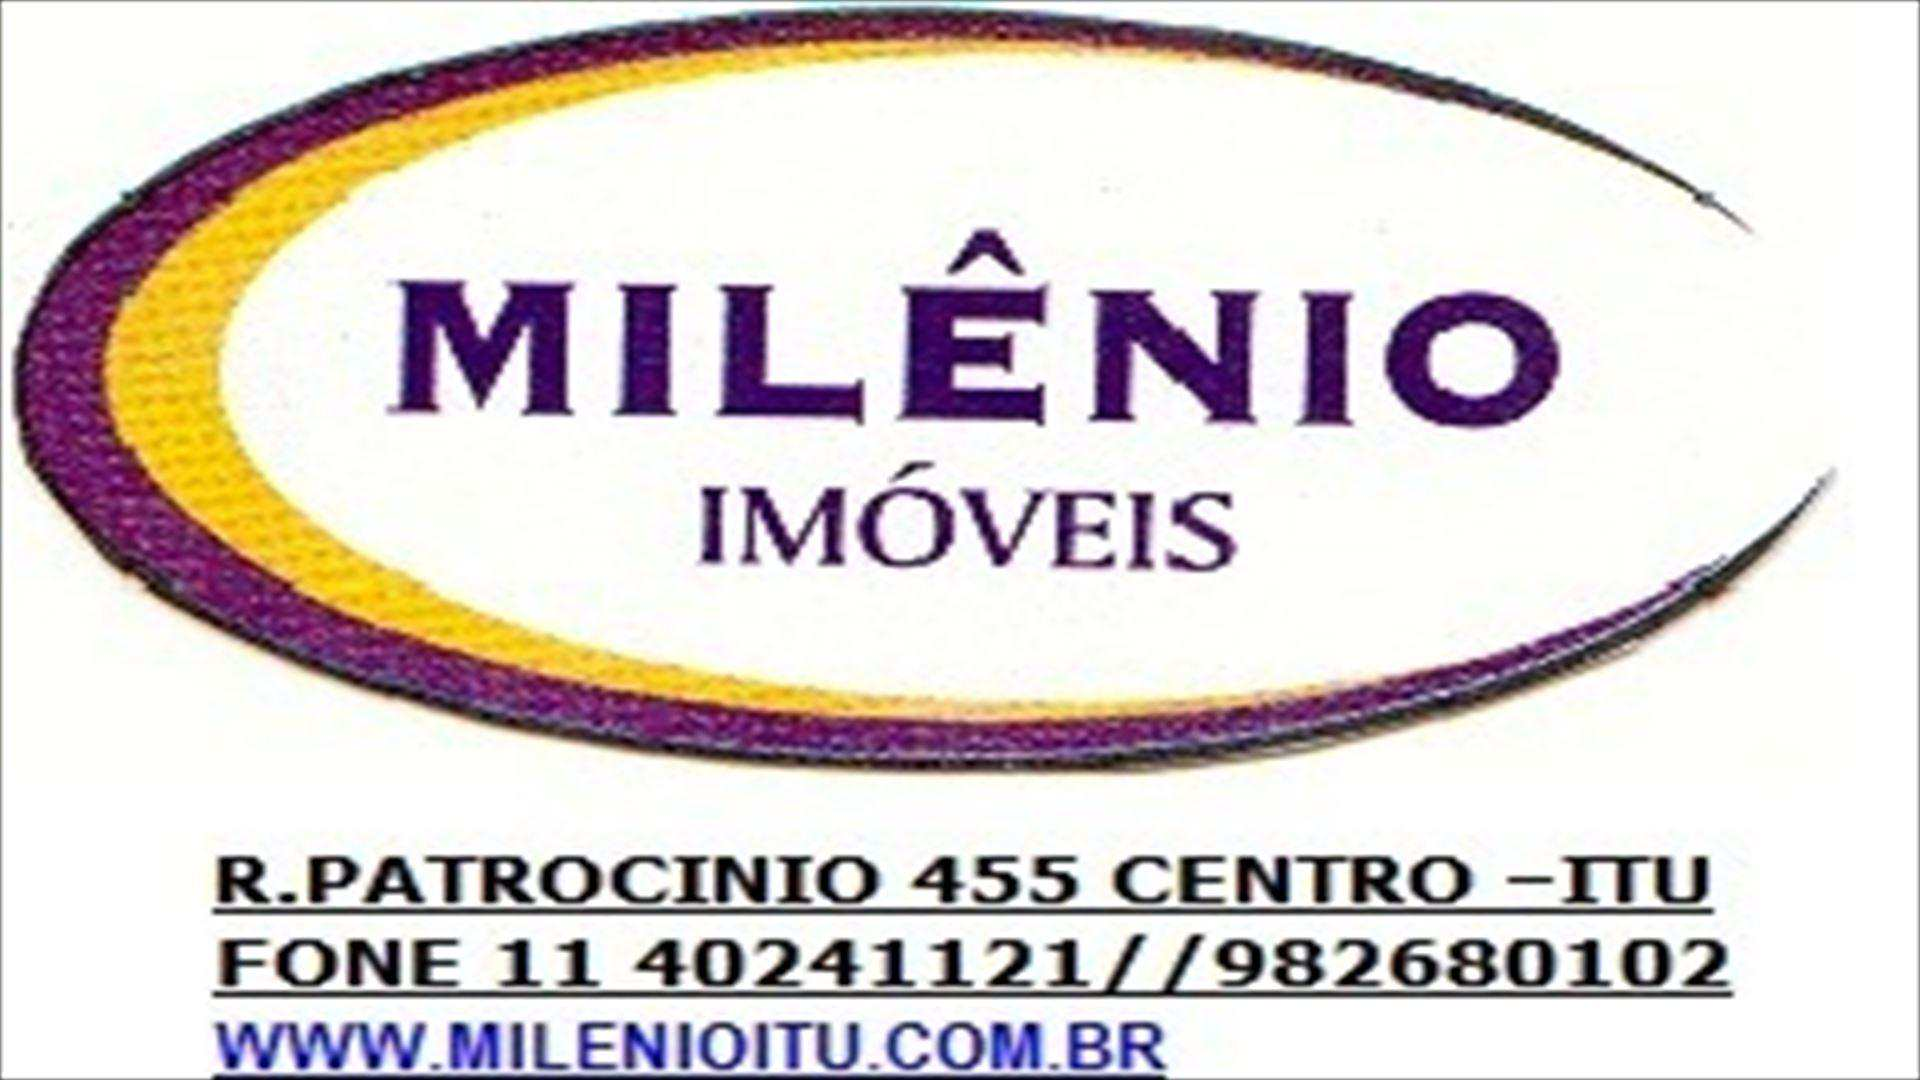 147200-LOGO_TIPO_MILENIO1.jpg